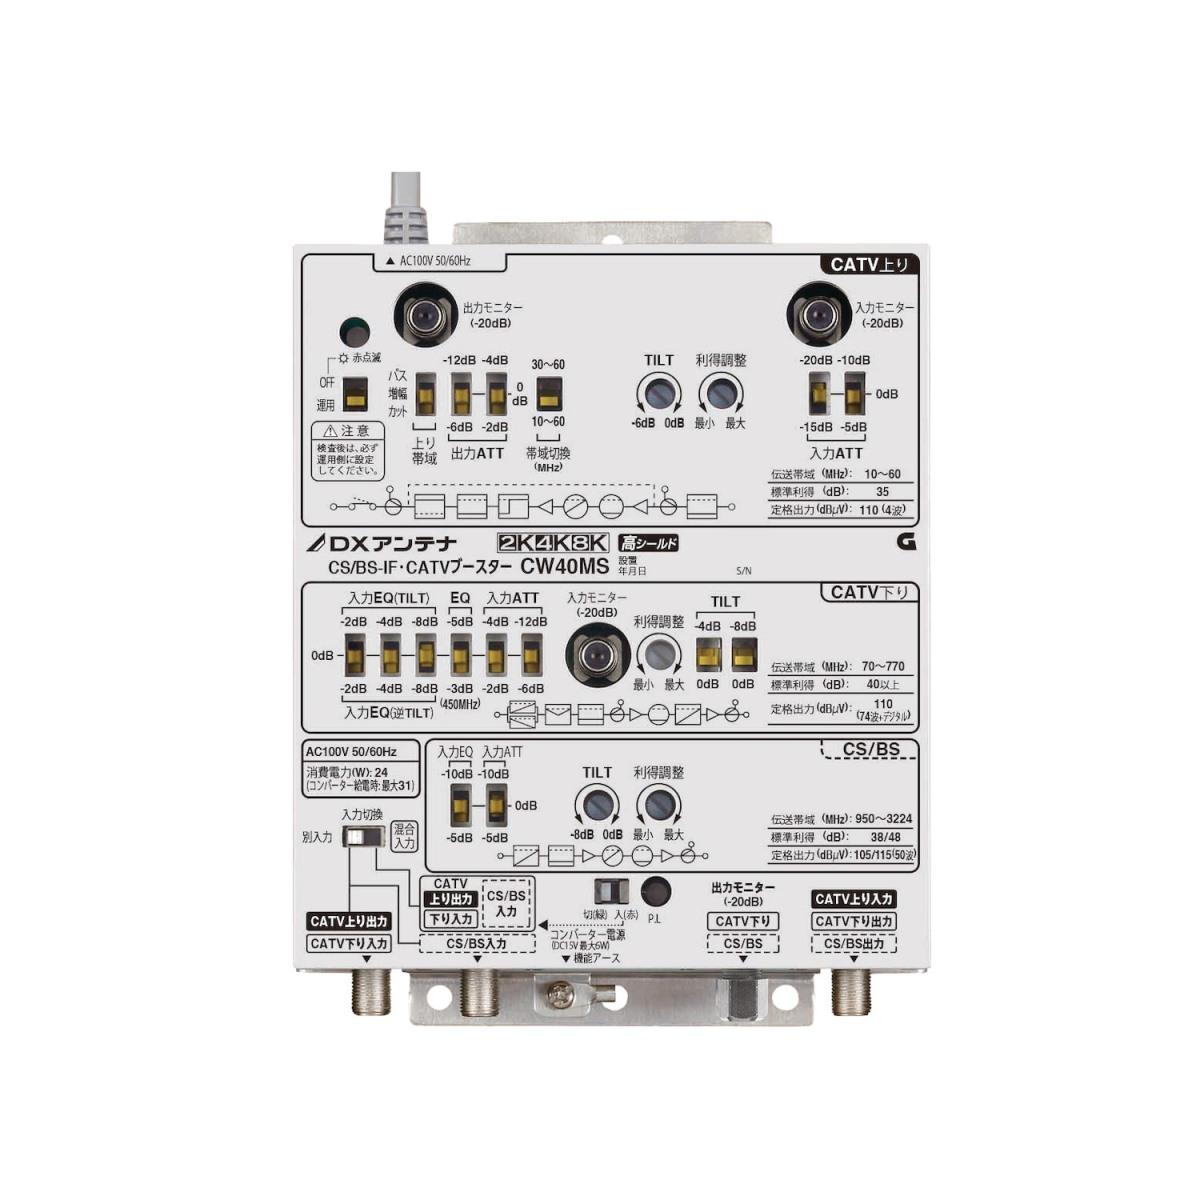 〔送料無料〕 DXアンテナ 2K・4K・8K対応 CS/BS-IF・CATVブースター 40dB型 CW40MS